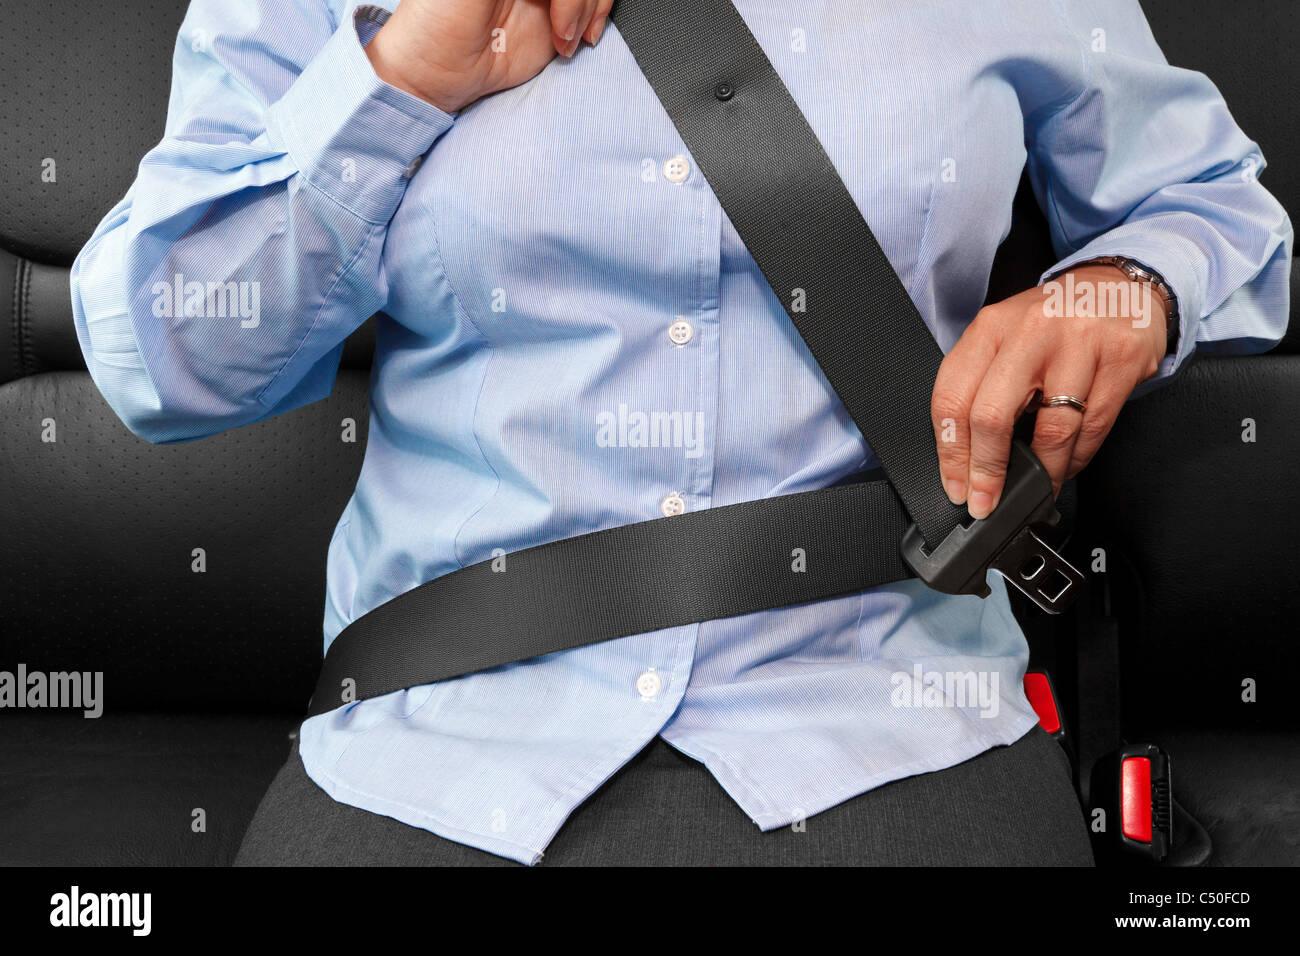 Foto di un business donna seduta in una macchina a mettere su la sua cintura di sicurezza Immagini Stock